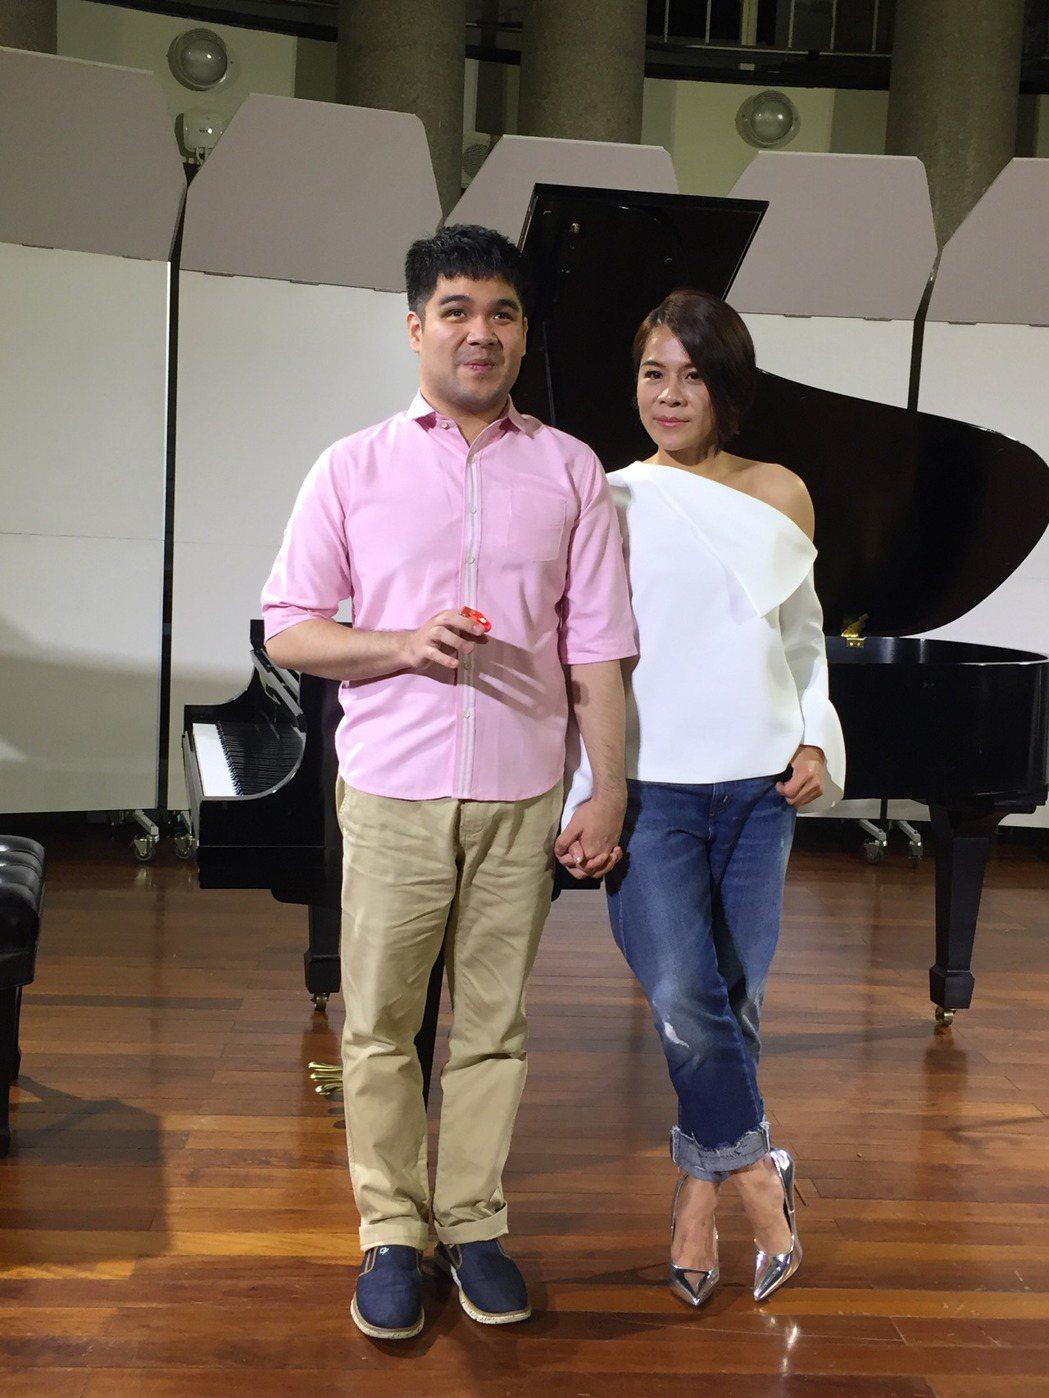 黃裕翔「裕翔的暗中做樂」慈善音樂會總彩,江美琪為他打氣。圖/有享影業提供